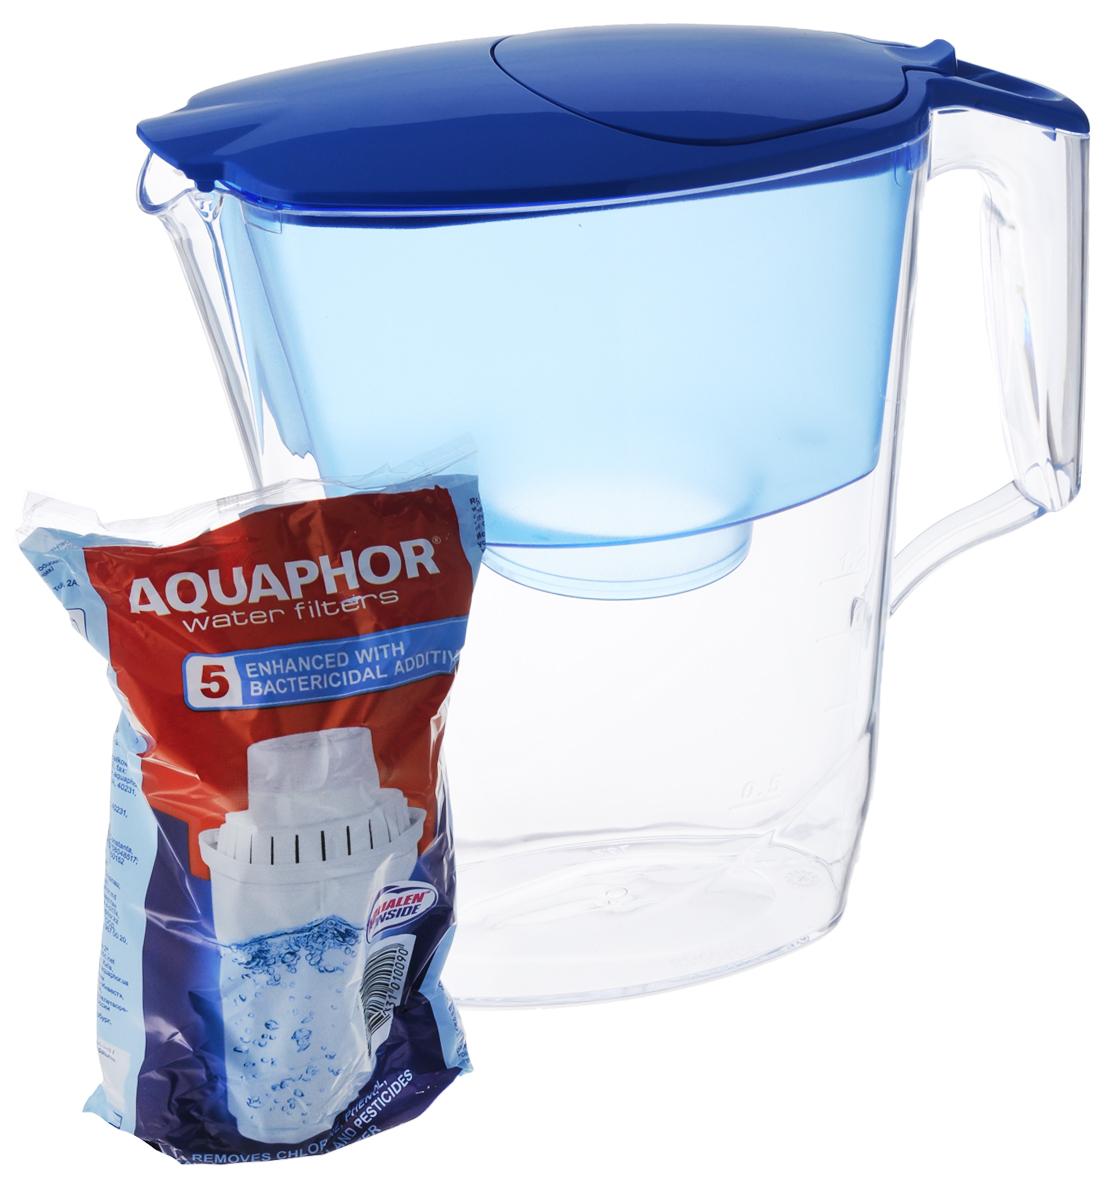 Фильтр-кувшин для воды Аквафор Ультра, цвет: прозрачный, голубой, 2,5 л11595Фильтр-кувшин Аквафор Ультра позволяет иметь под рукой довольно большое количество очищенной воды, готовой к использованию. Объем кувшина - 2,5 л, объем воронки - 1,1 л. Используется универсальный сменный фильтрующий модуль В100-5, усиленный бактерицидной добавкой. Компания Аквафор создавалась как высокотехнологическая производственная фирма, охватывающая все стадии создания продукции от научных и конструкторских разработок до изготовления конечной продукции. Основное правило Аквафор - стабильно высокое качество продукции и высокие технологии, поэтому техническое обновление производства происходит каждые 3-4 года, для чего покупаются новые модели машин и аппаратов. Собственное производство уникальных сорбентов и постоянный контроль на всех этапах производства позволяют Аквафору выпускать высококачественный продукт, известность которого на рынке быстро растет. Материал: пластик. Общий размер фильтр-кувшина: 25 х 10...